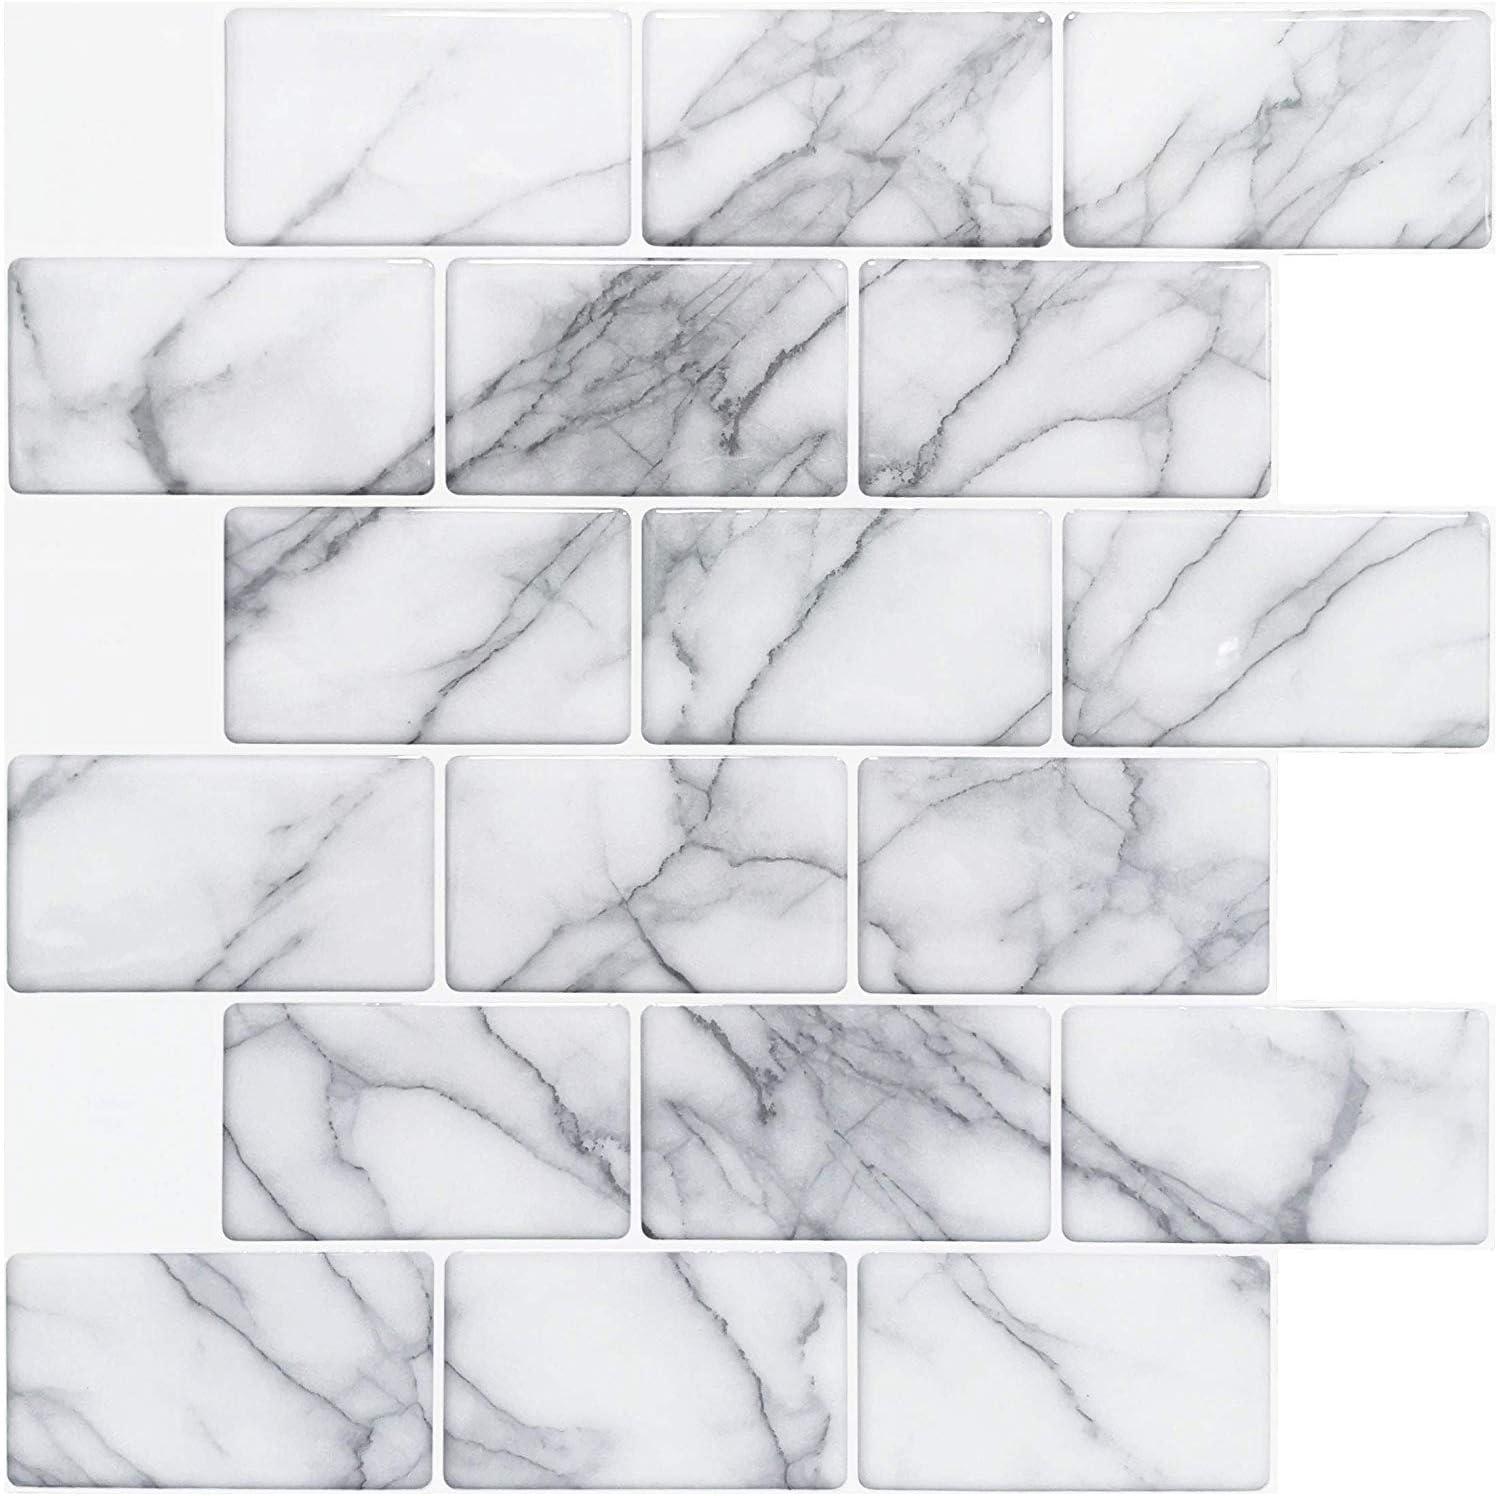 zum Abziehen und Aufkleben 30,5 x 30,5 cm Art3d Backsplash Fliesen grauer Marmor